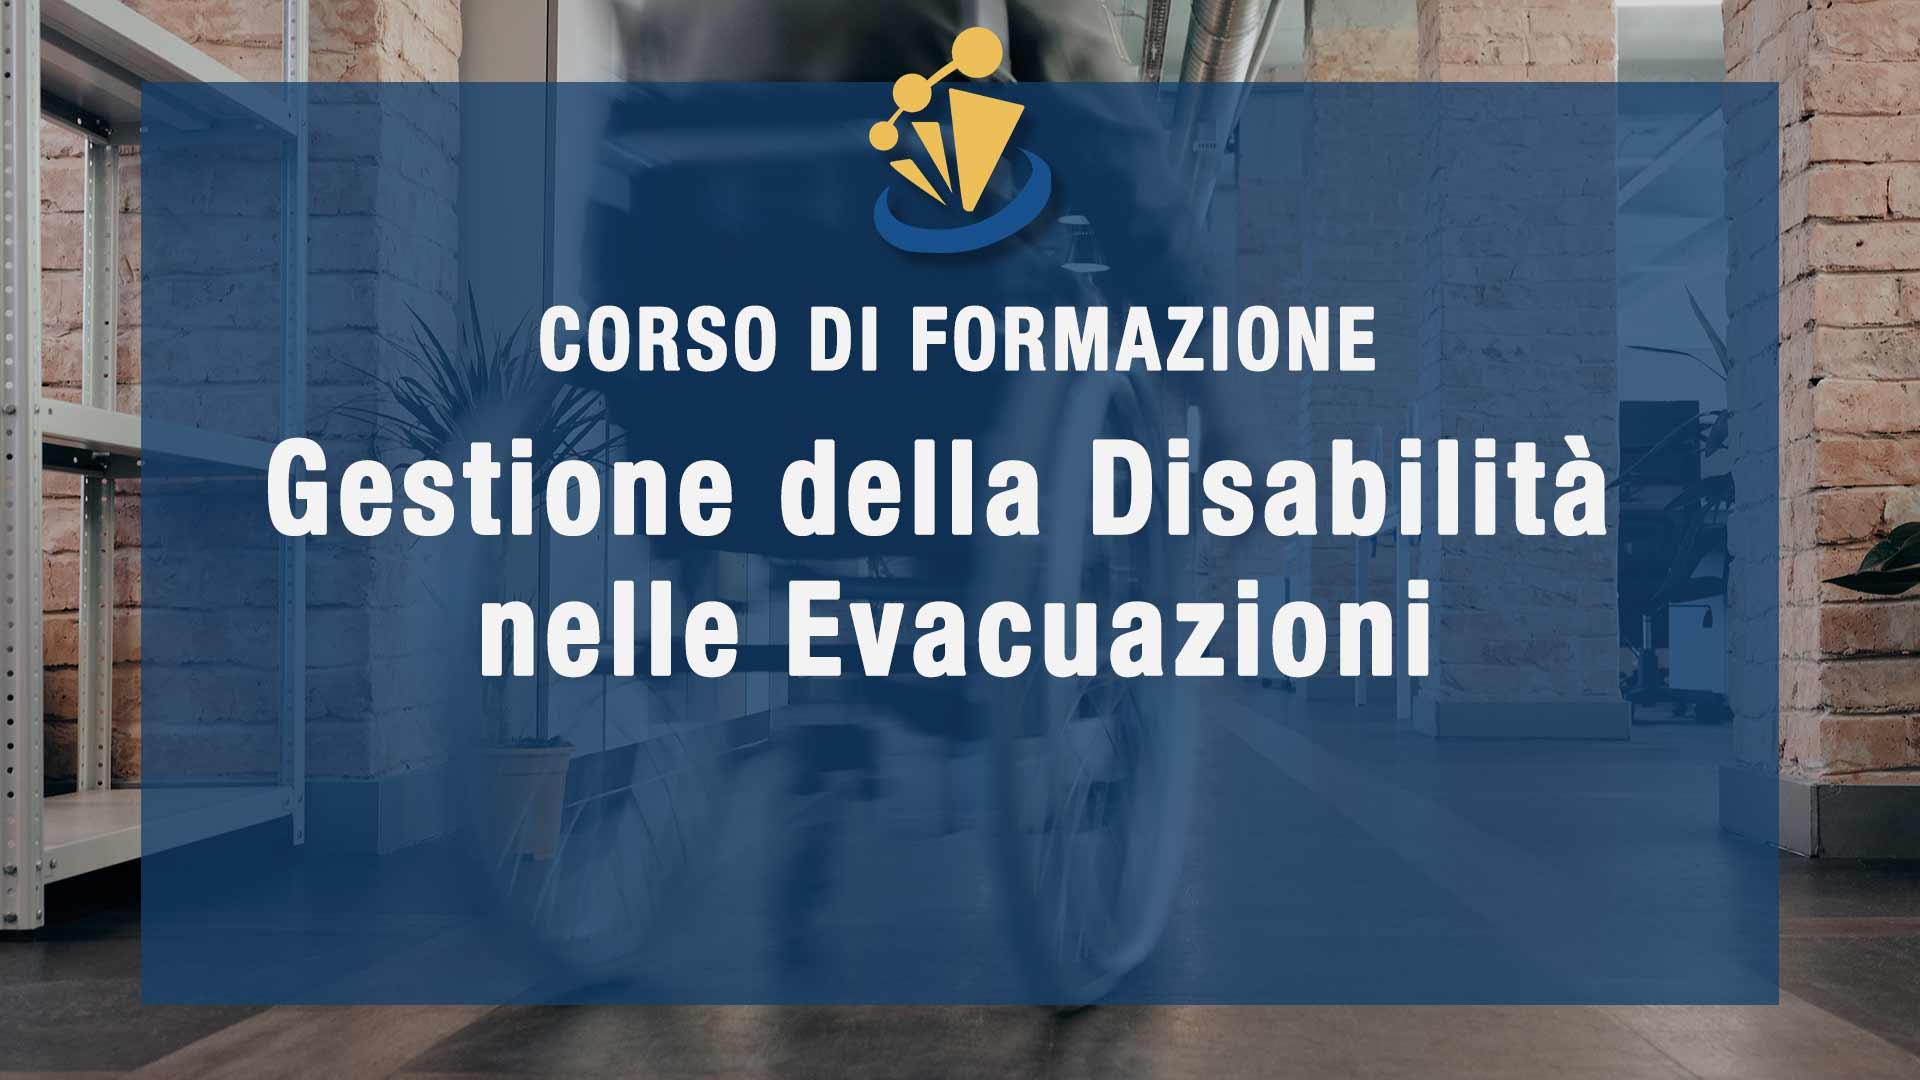 Gestione della Disabilità nelle Evacuazioni